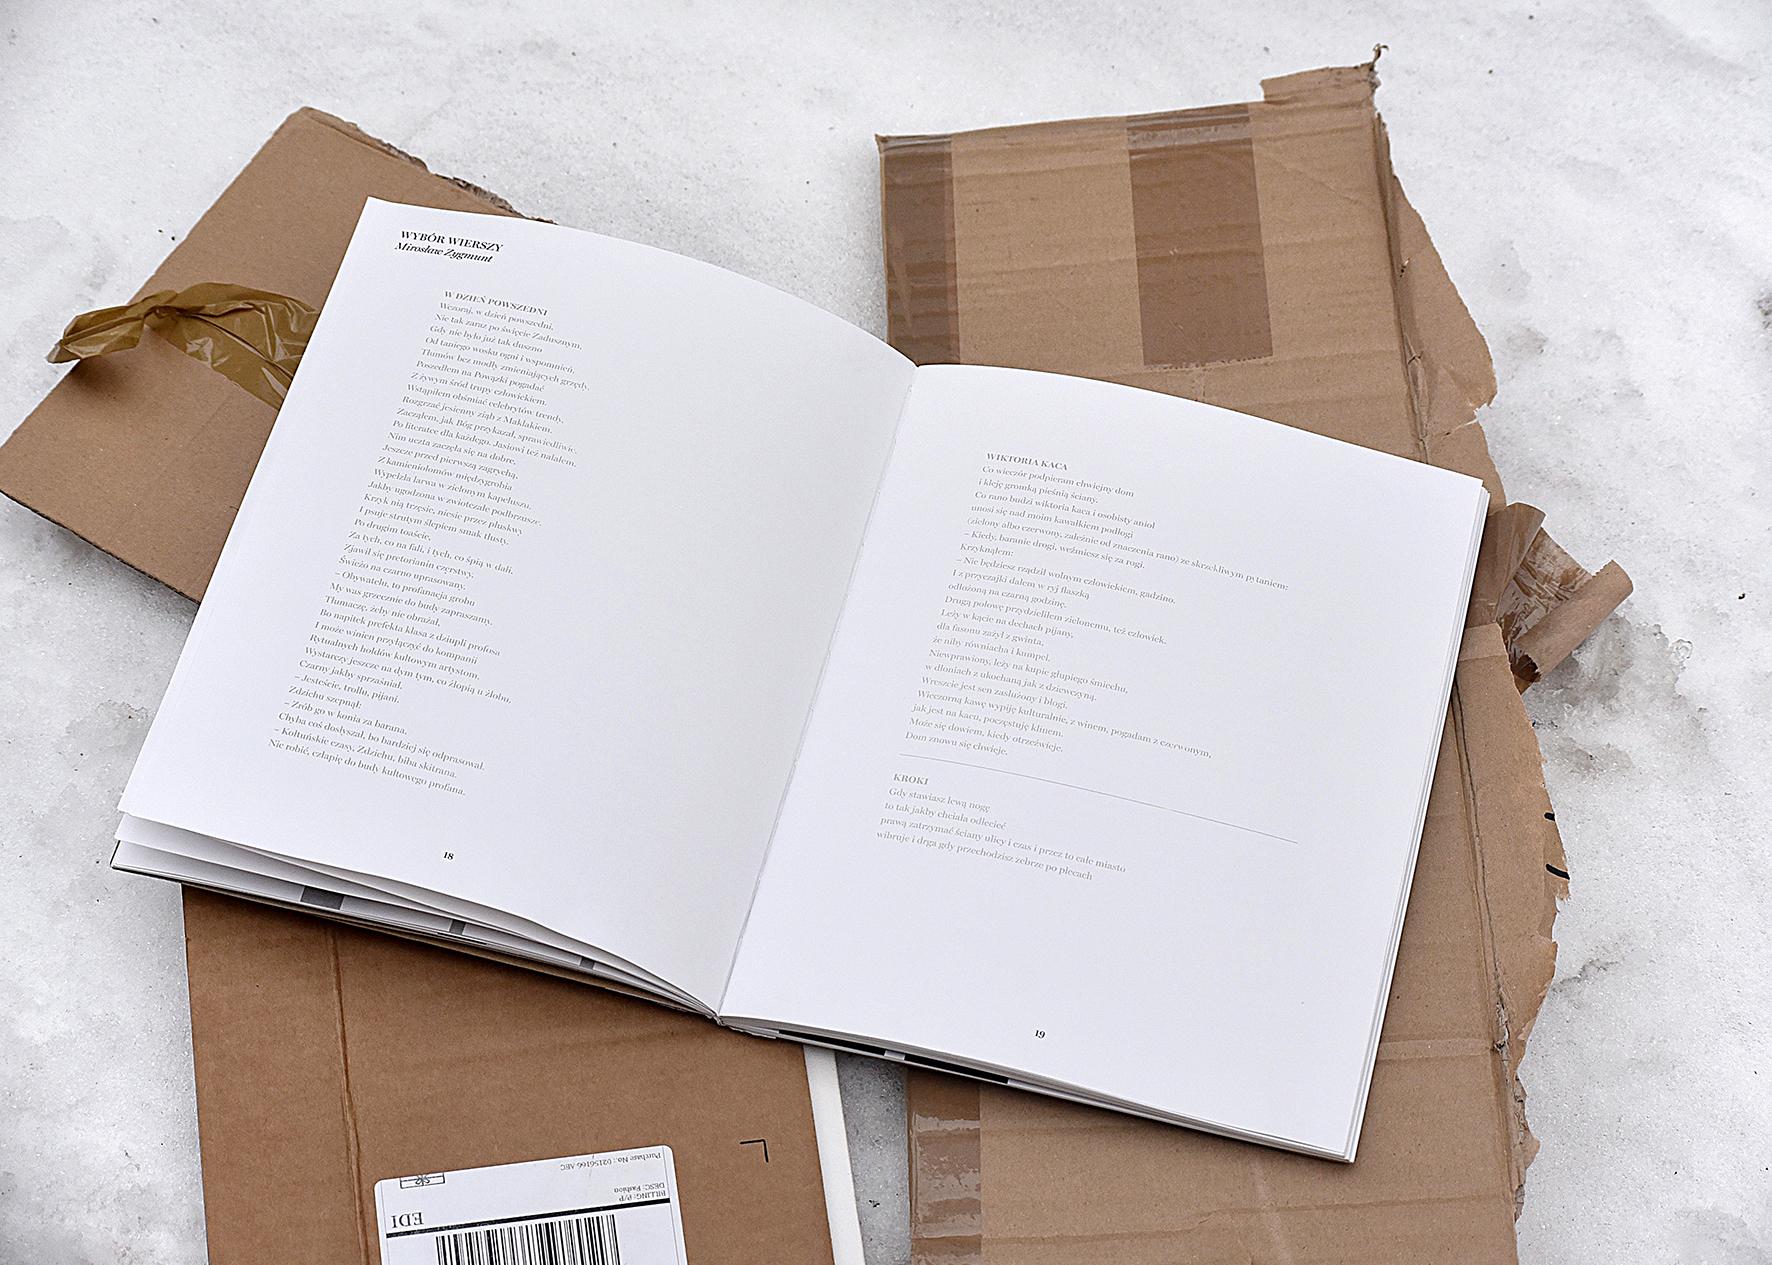 Niewidzialny druk istnieje. Ta książka to udowadnia